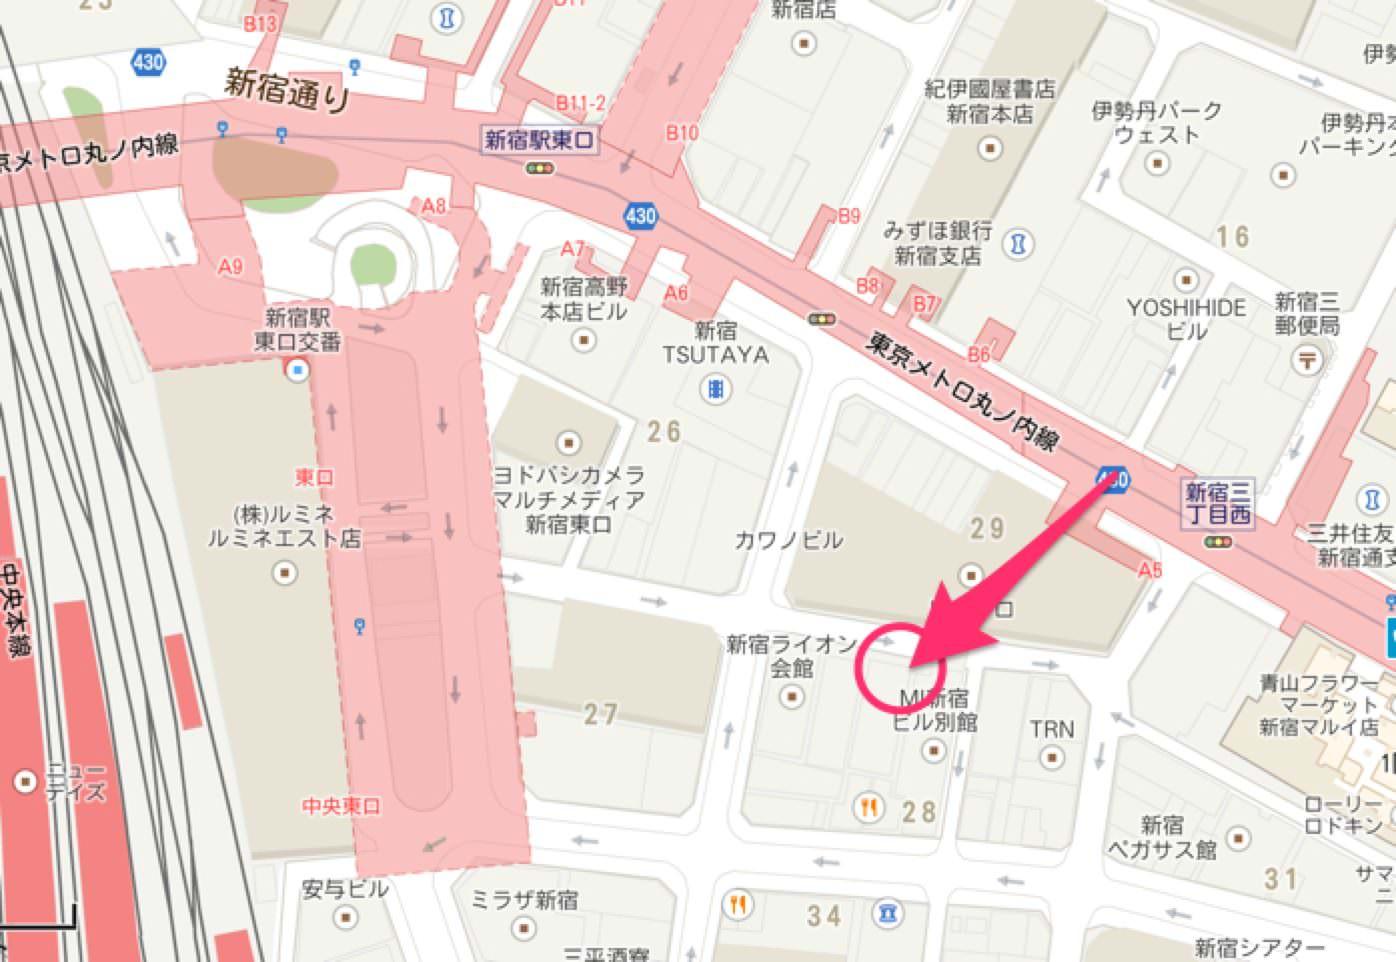 AppBank Storeへいくためのマップ